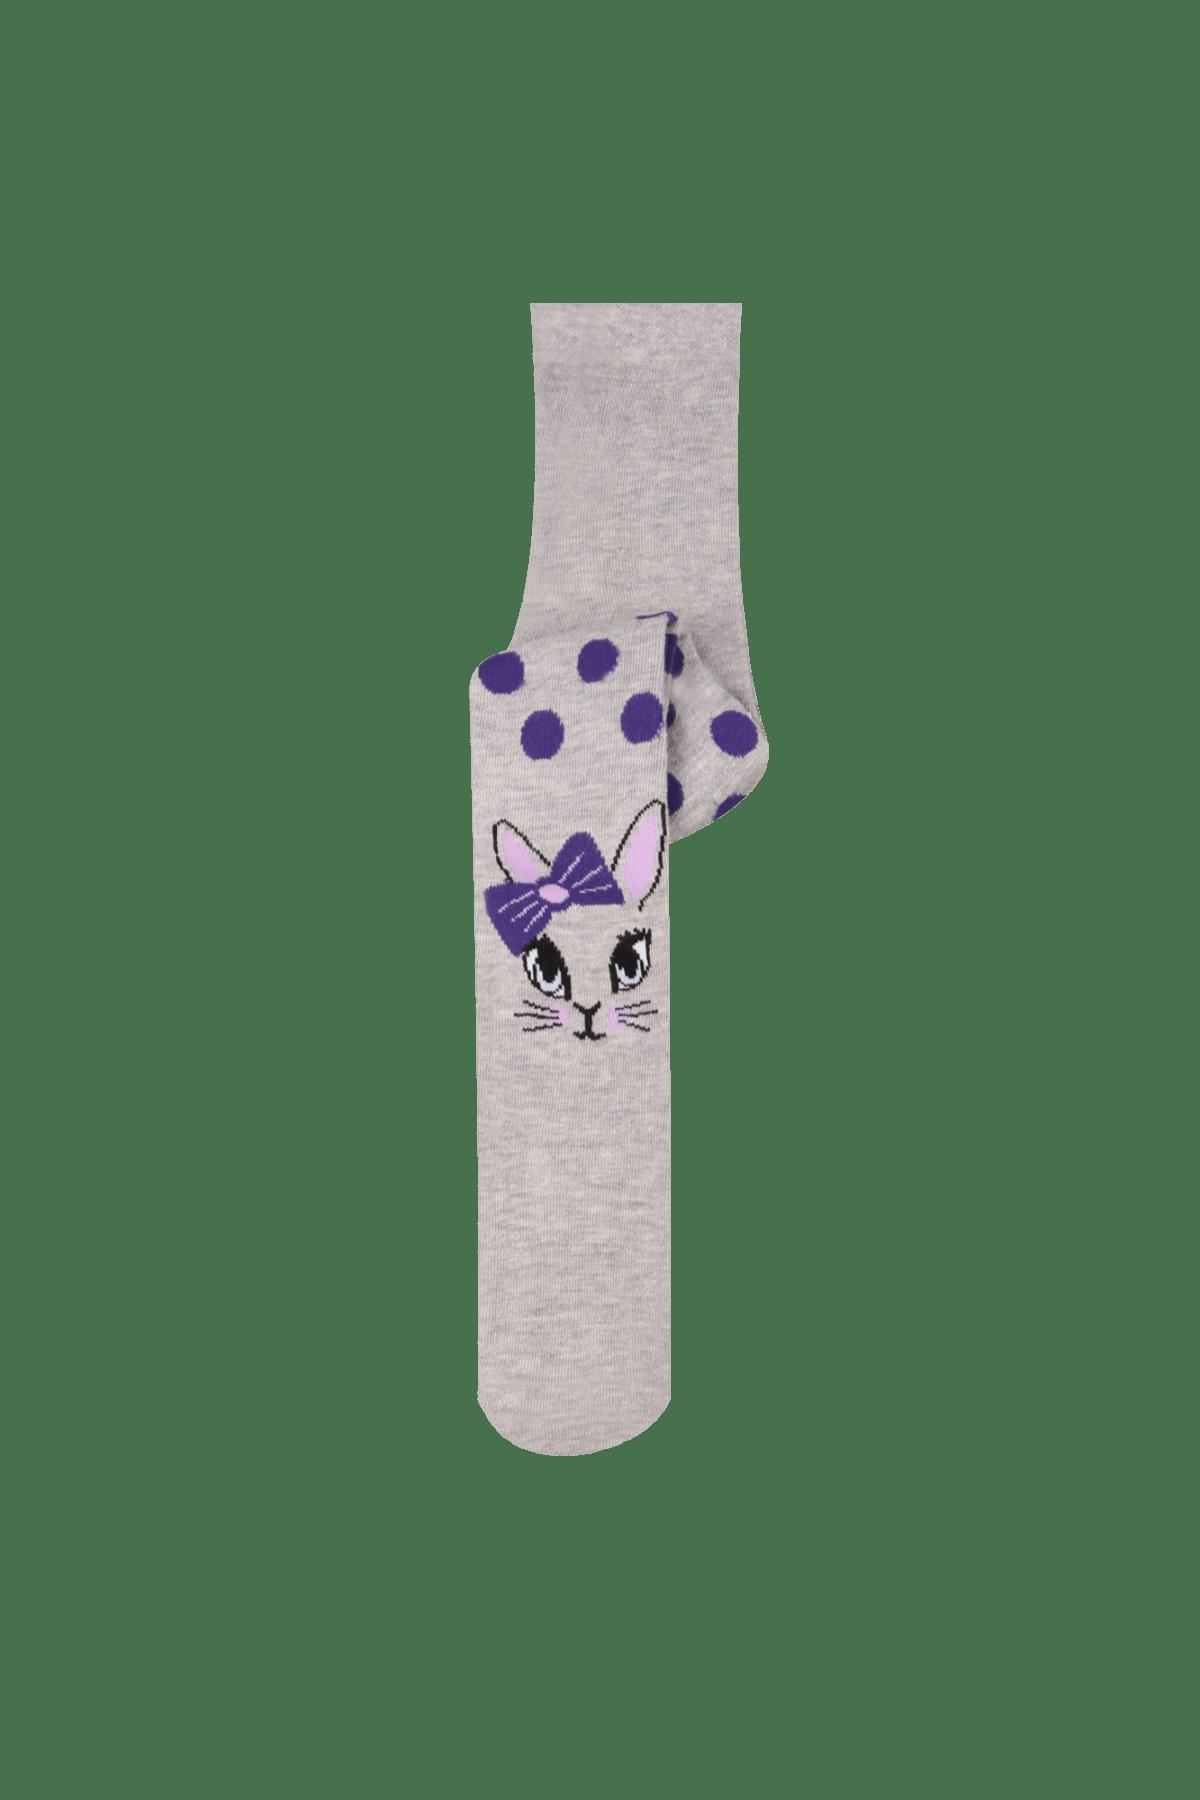 Bross Çocuk Grimelanj Puanlı Kedi Desenli Çocuk Külotlu Çorap